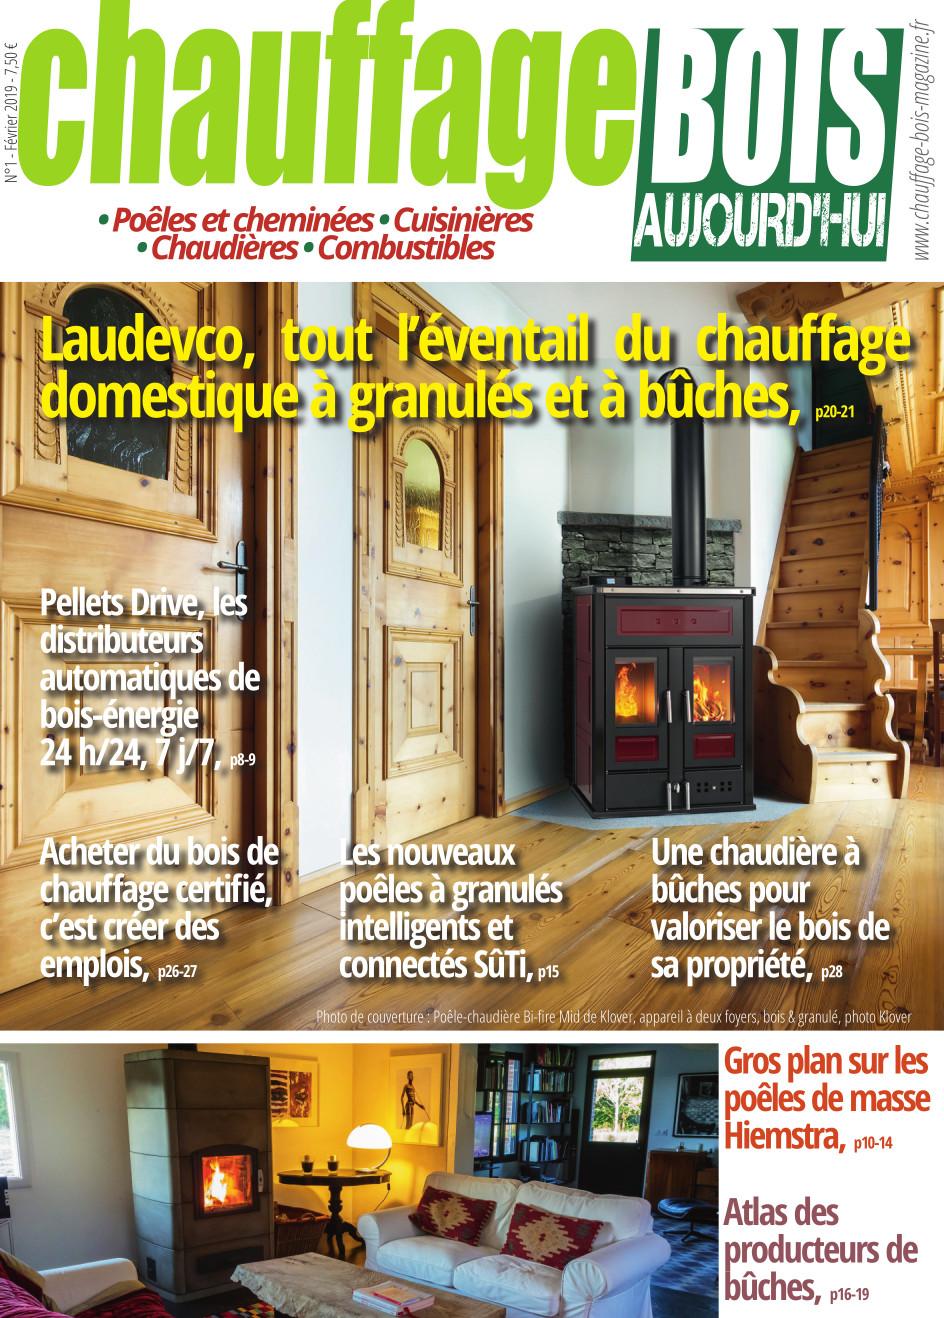 Chauffage Bois n°1, le nouveau magazine du chauffage domestique au bois